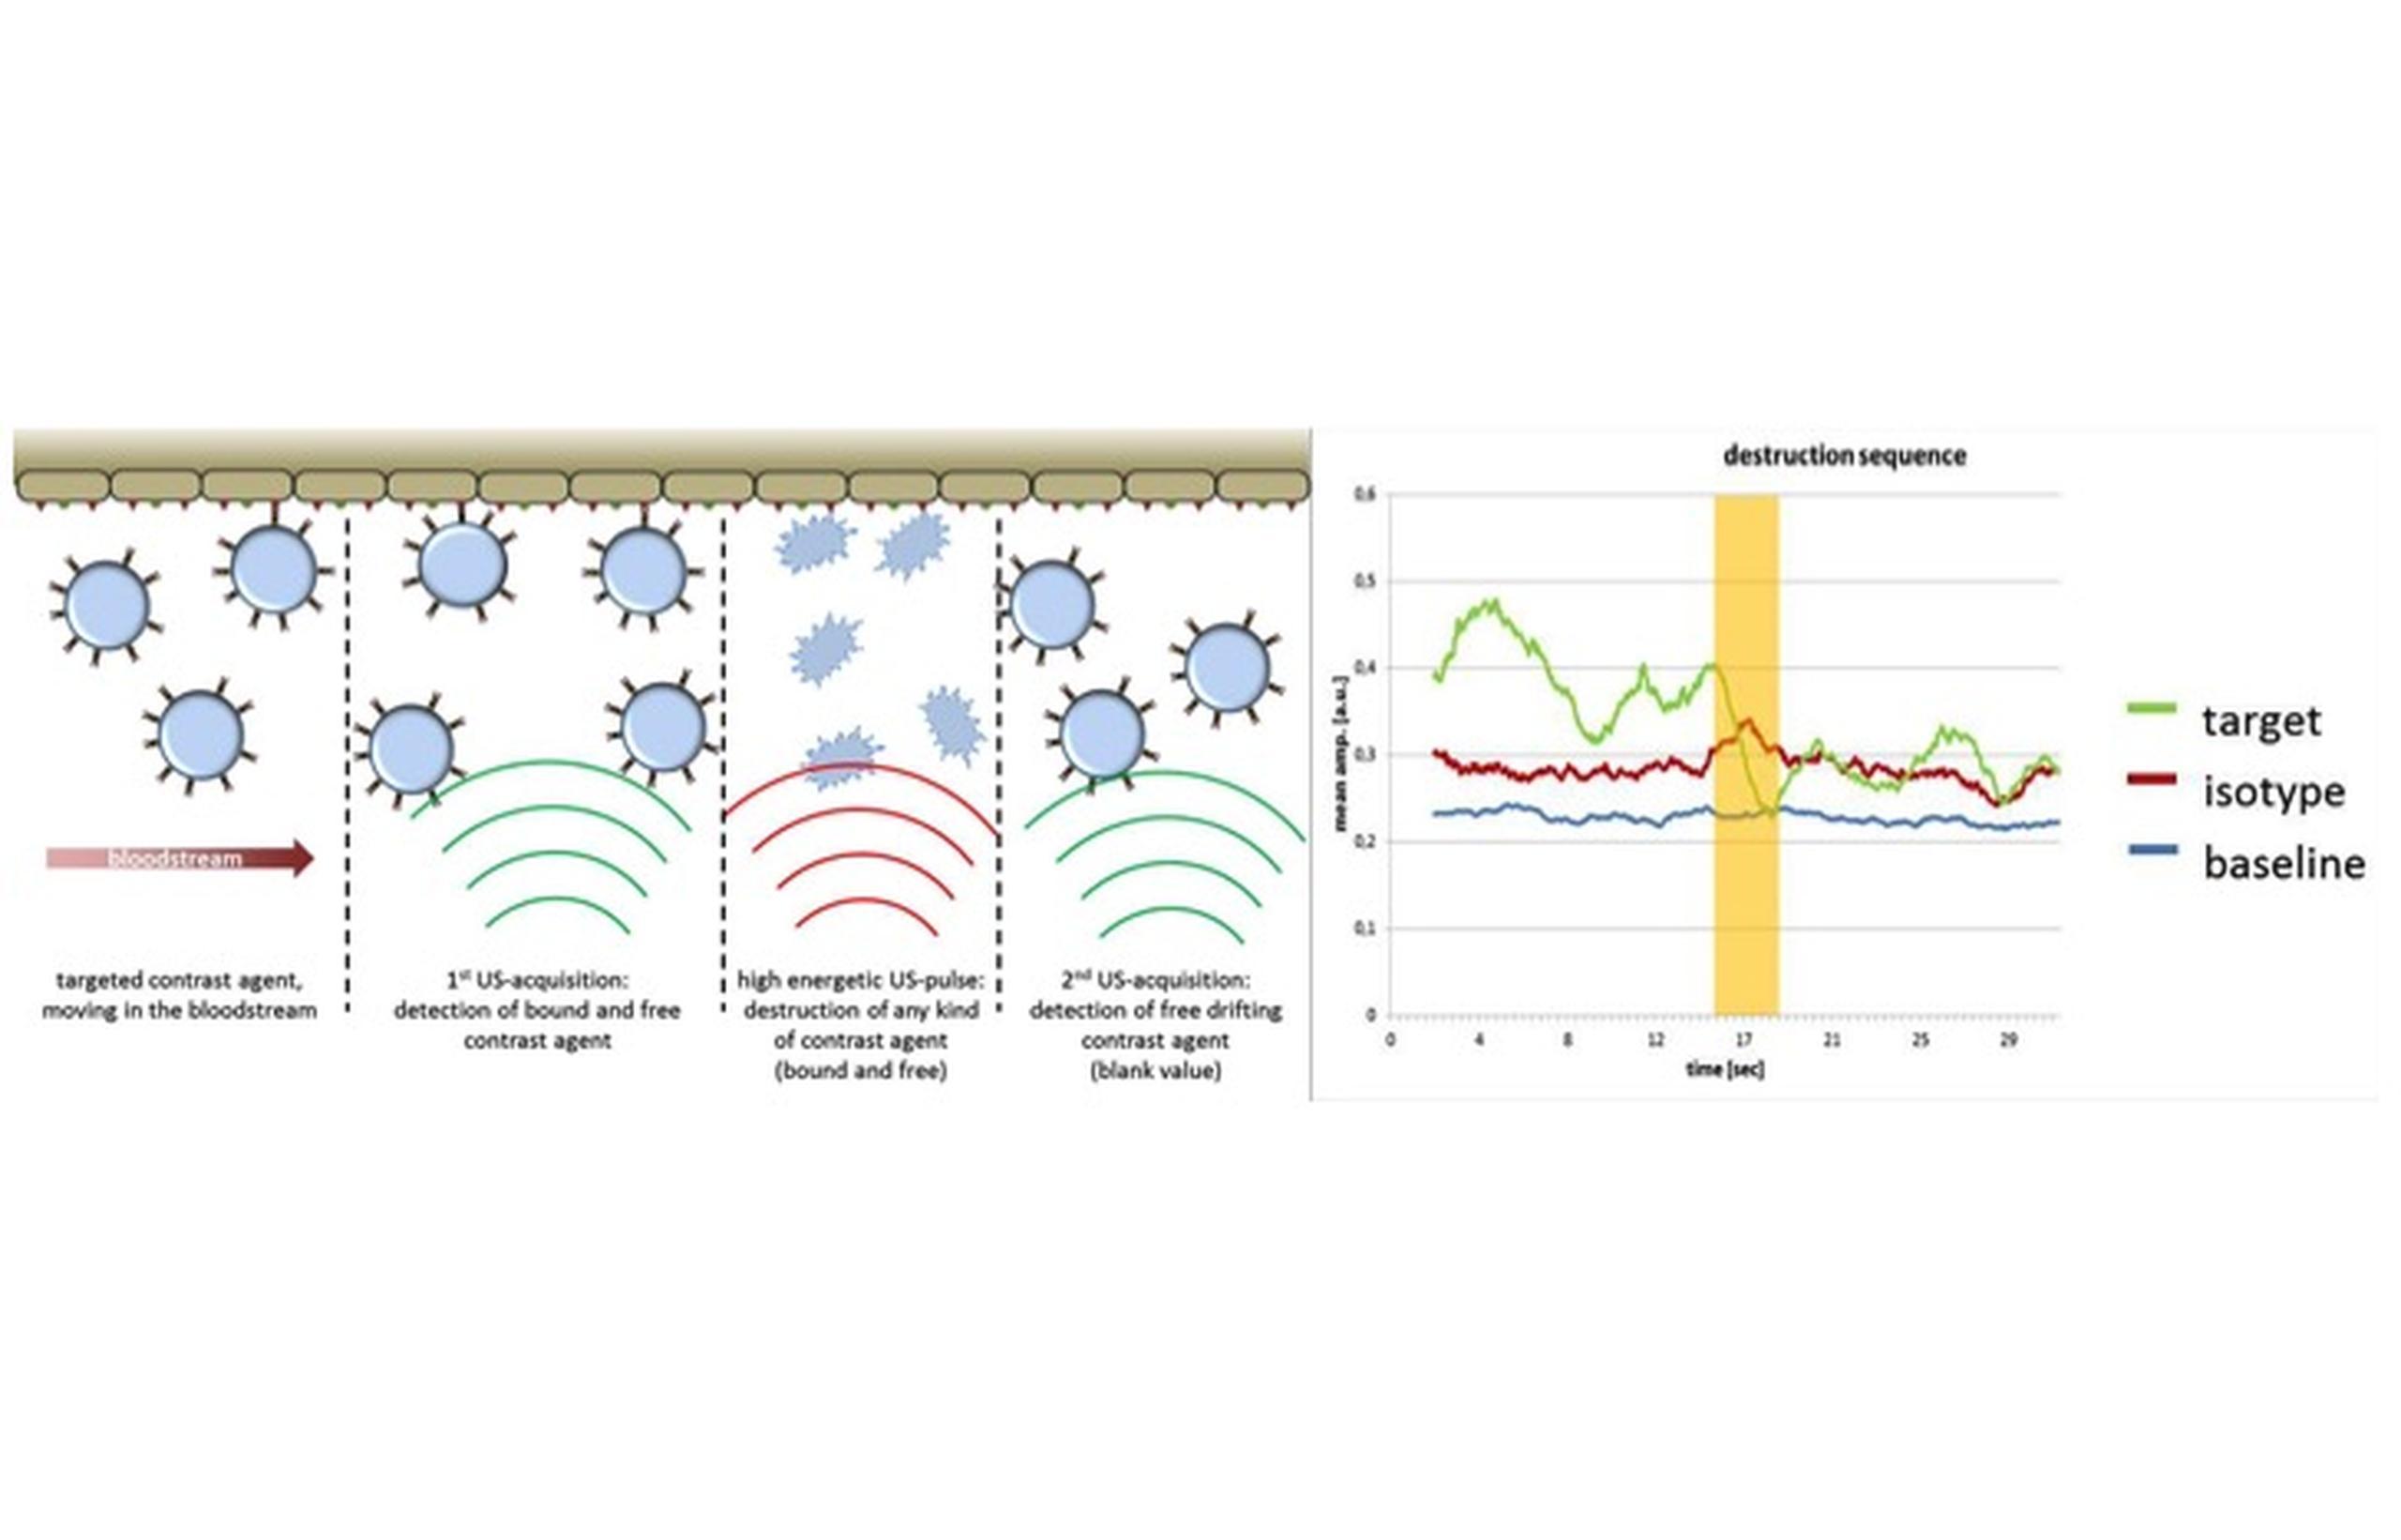 Hochfrequenz Ultraschall | Max-Delbrück-Centrum für Molekulare Medizin